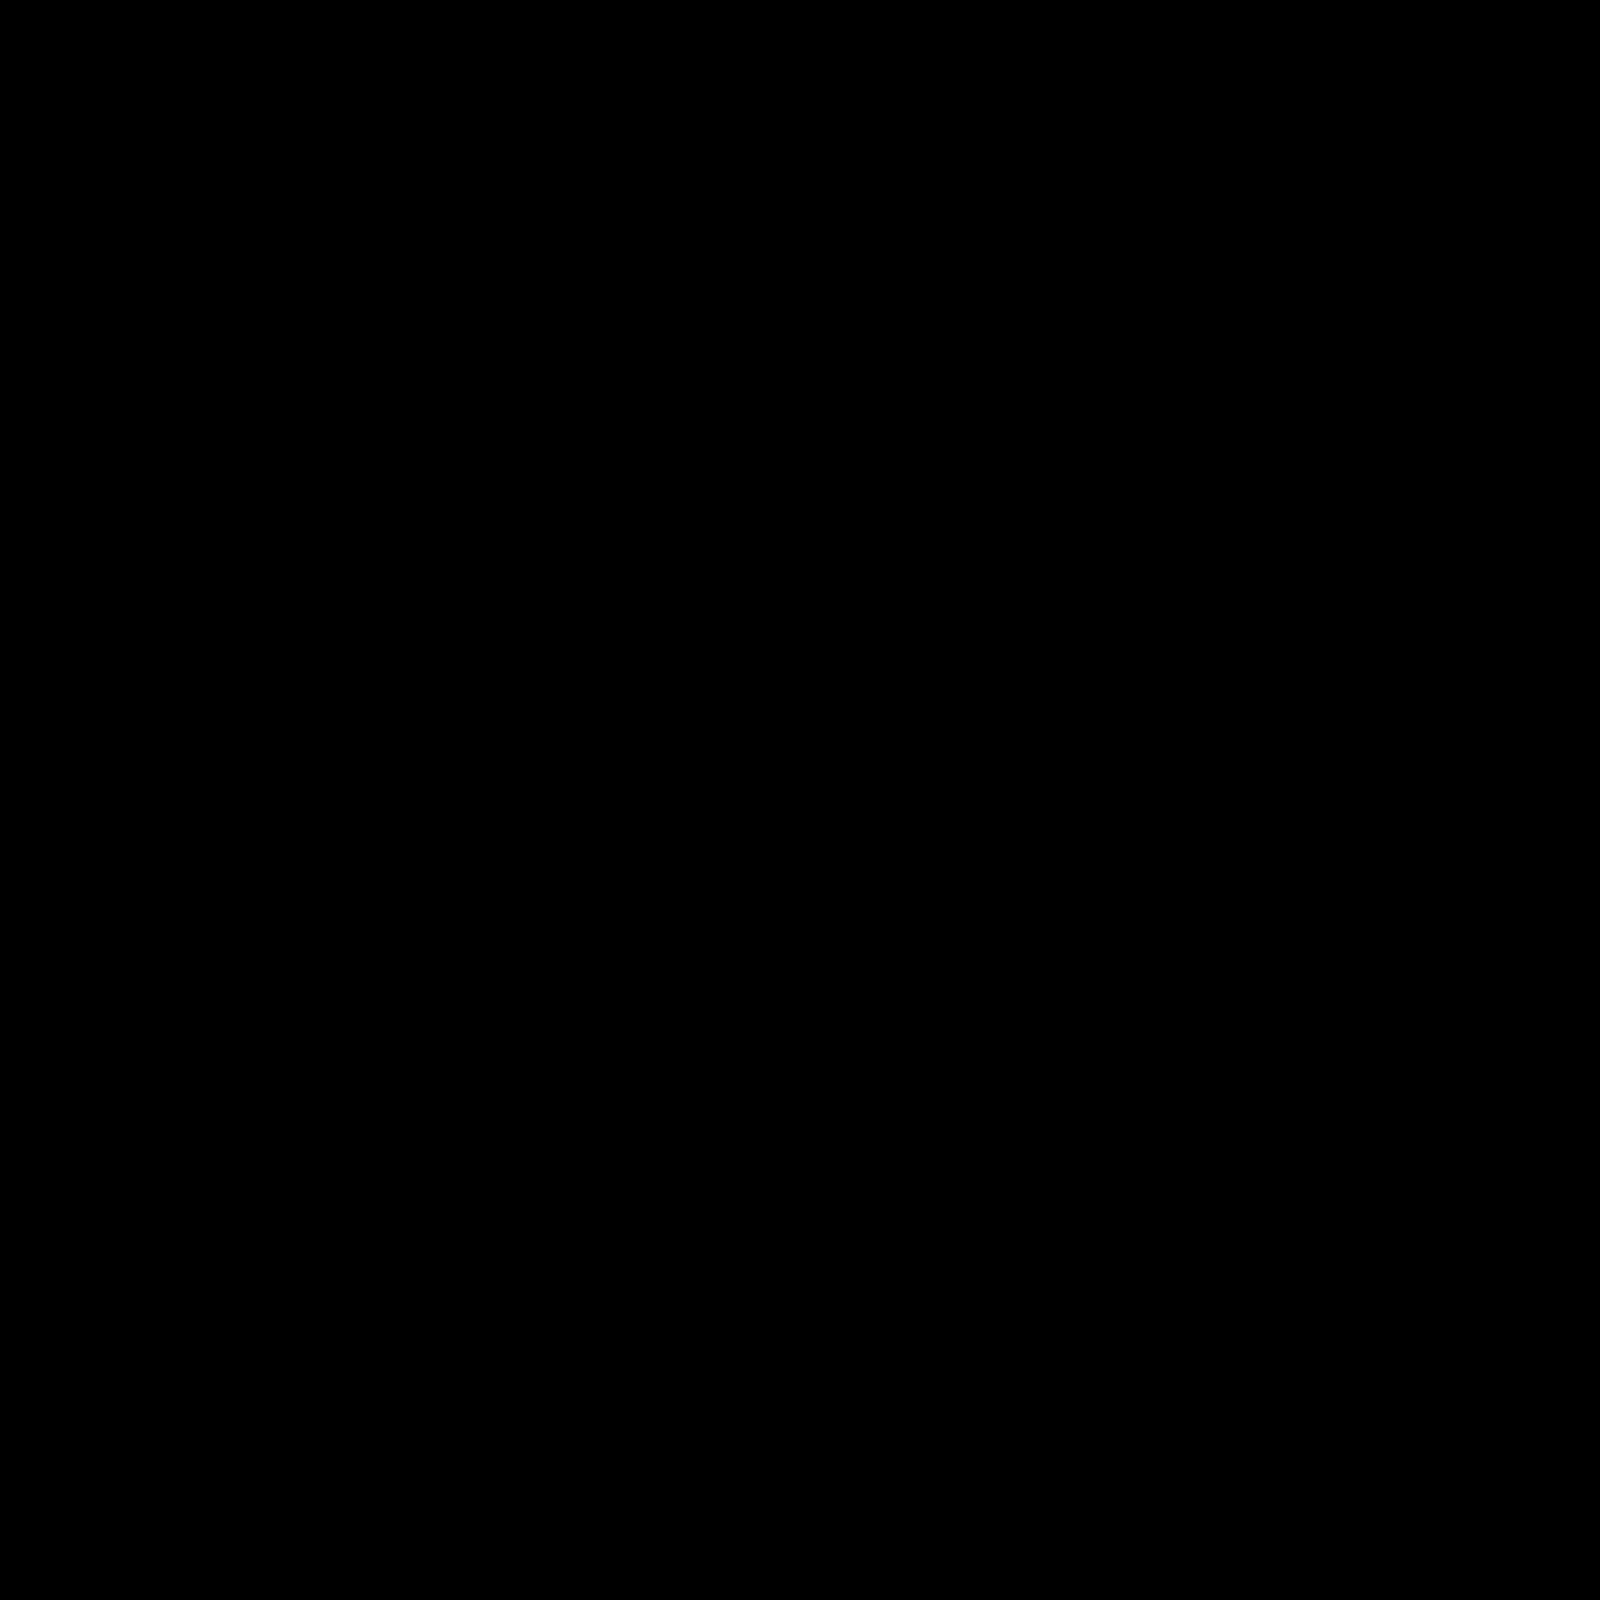 Укладка кабеля открытым способом